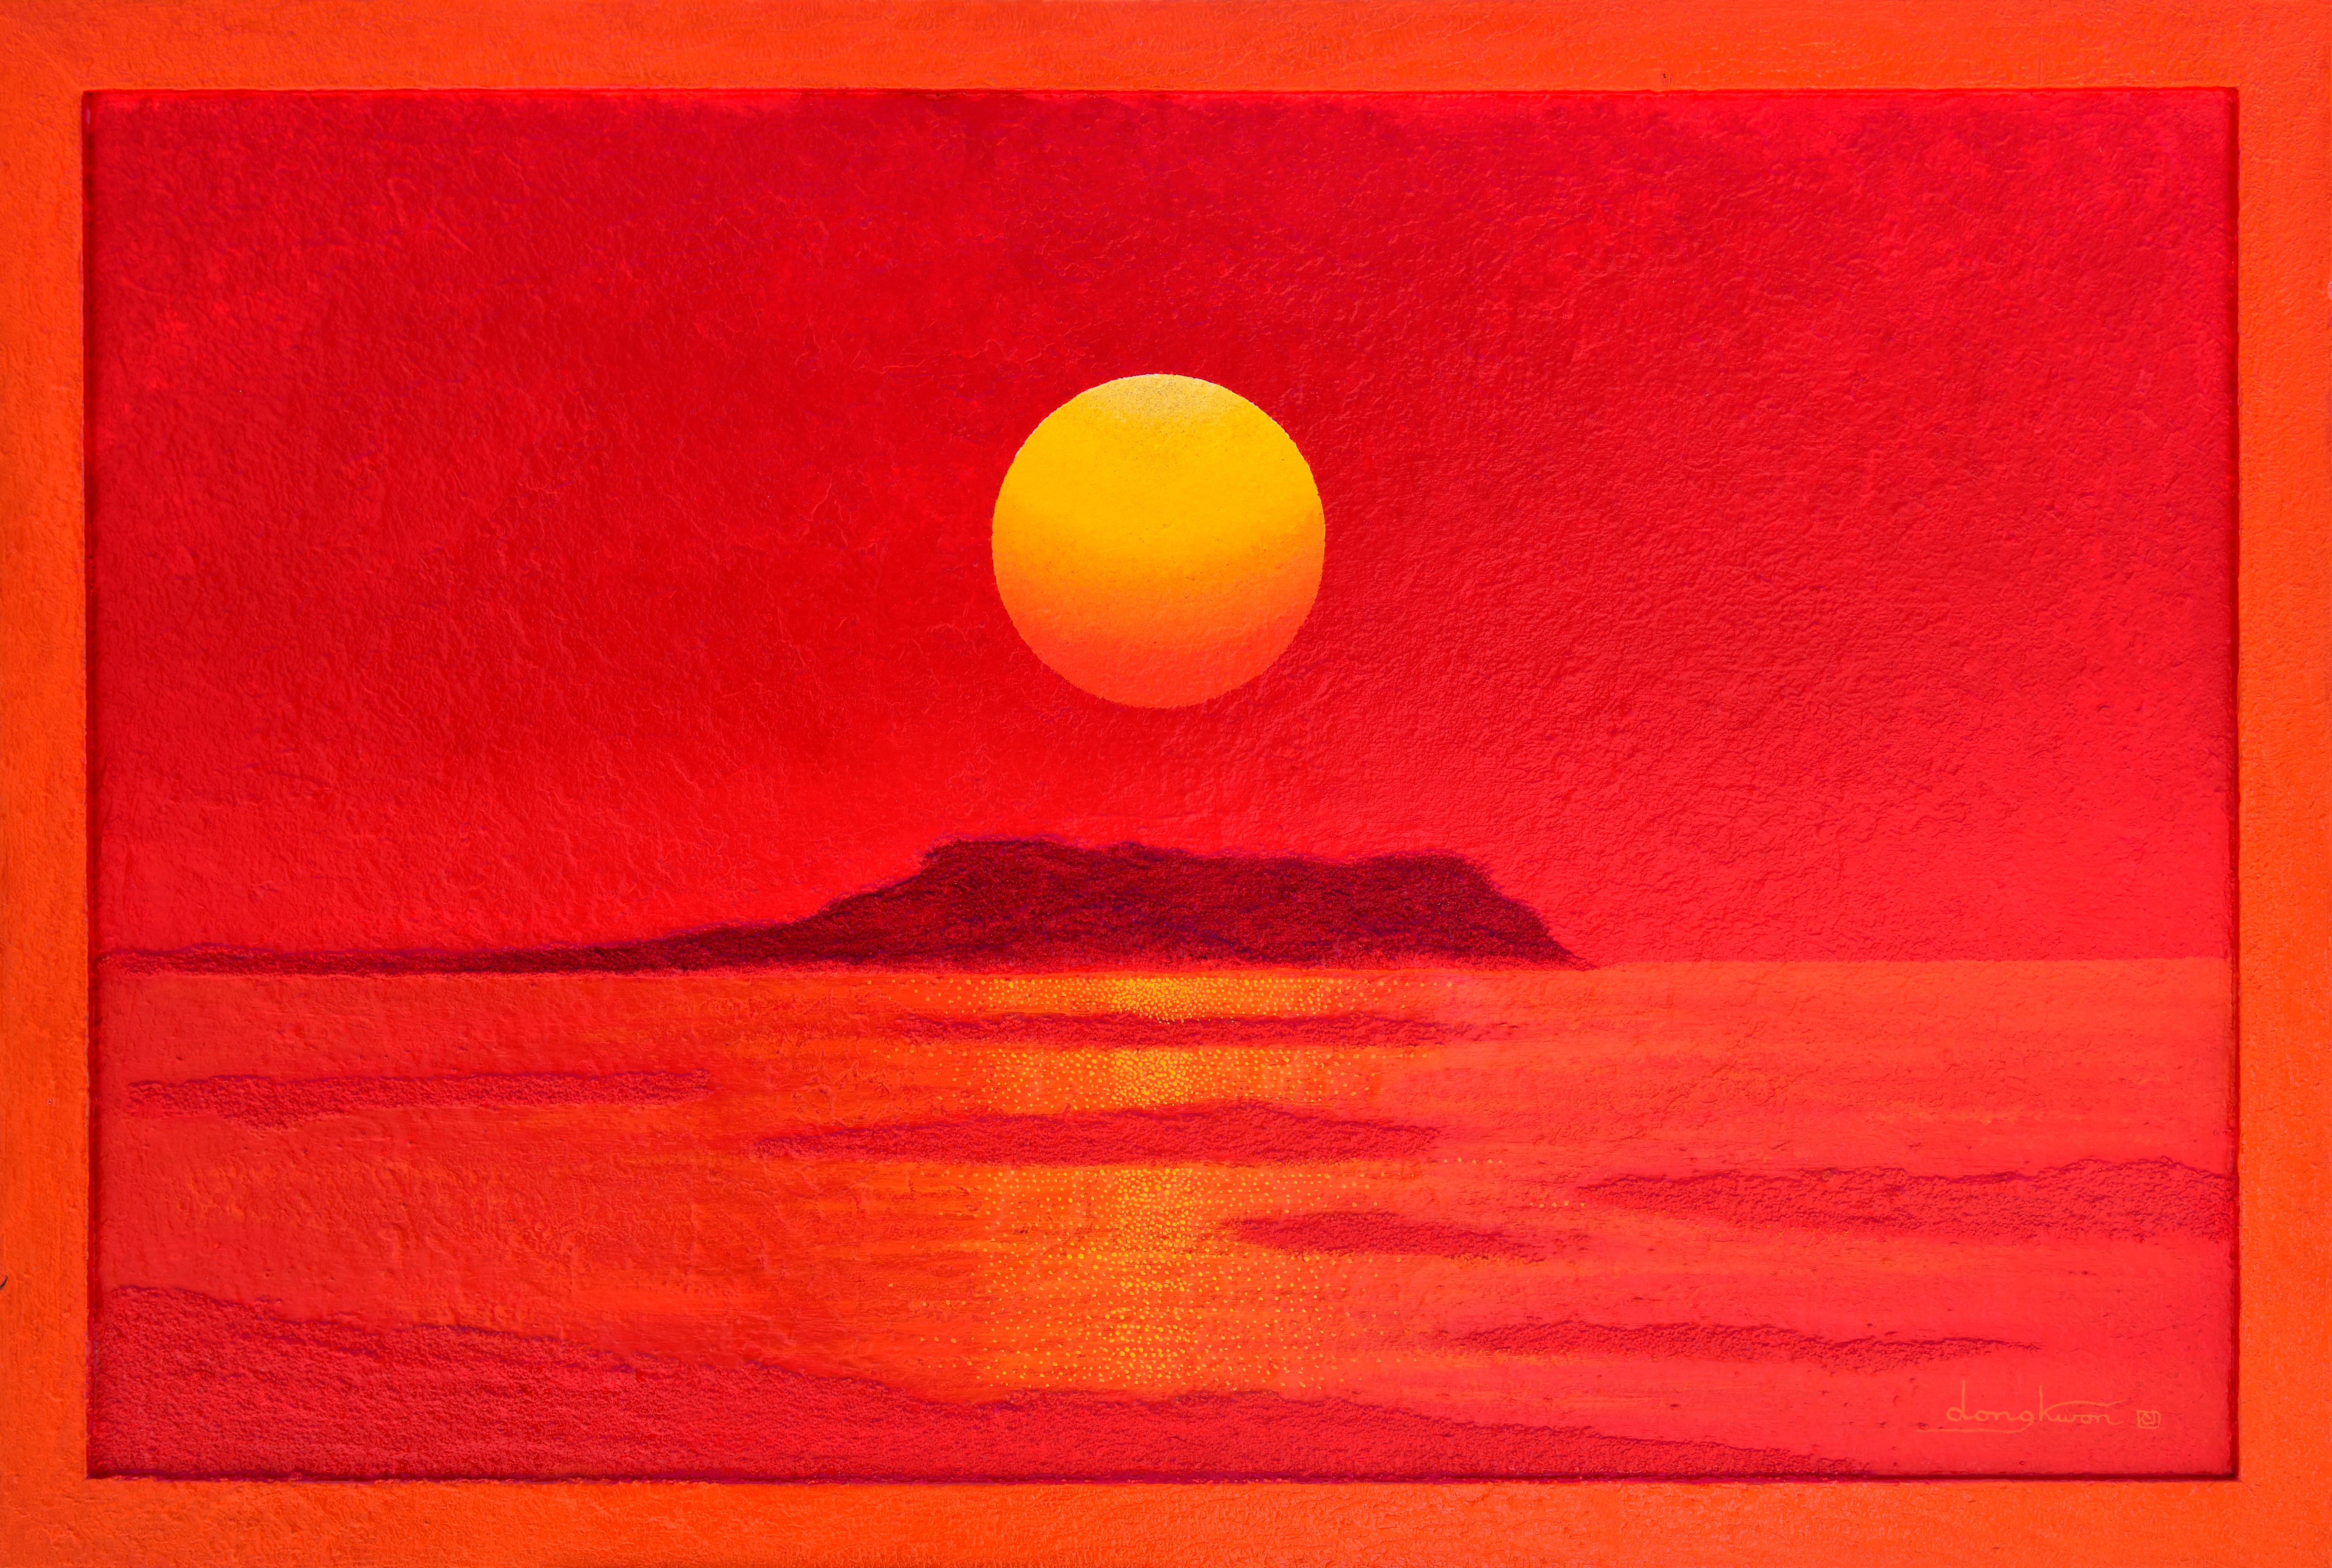 Sunrise - Faith, Hope. and. Love(3)